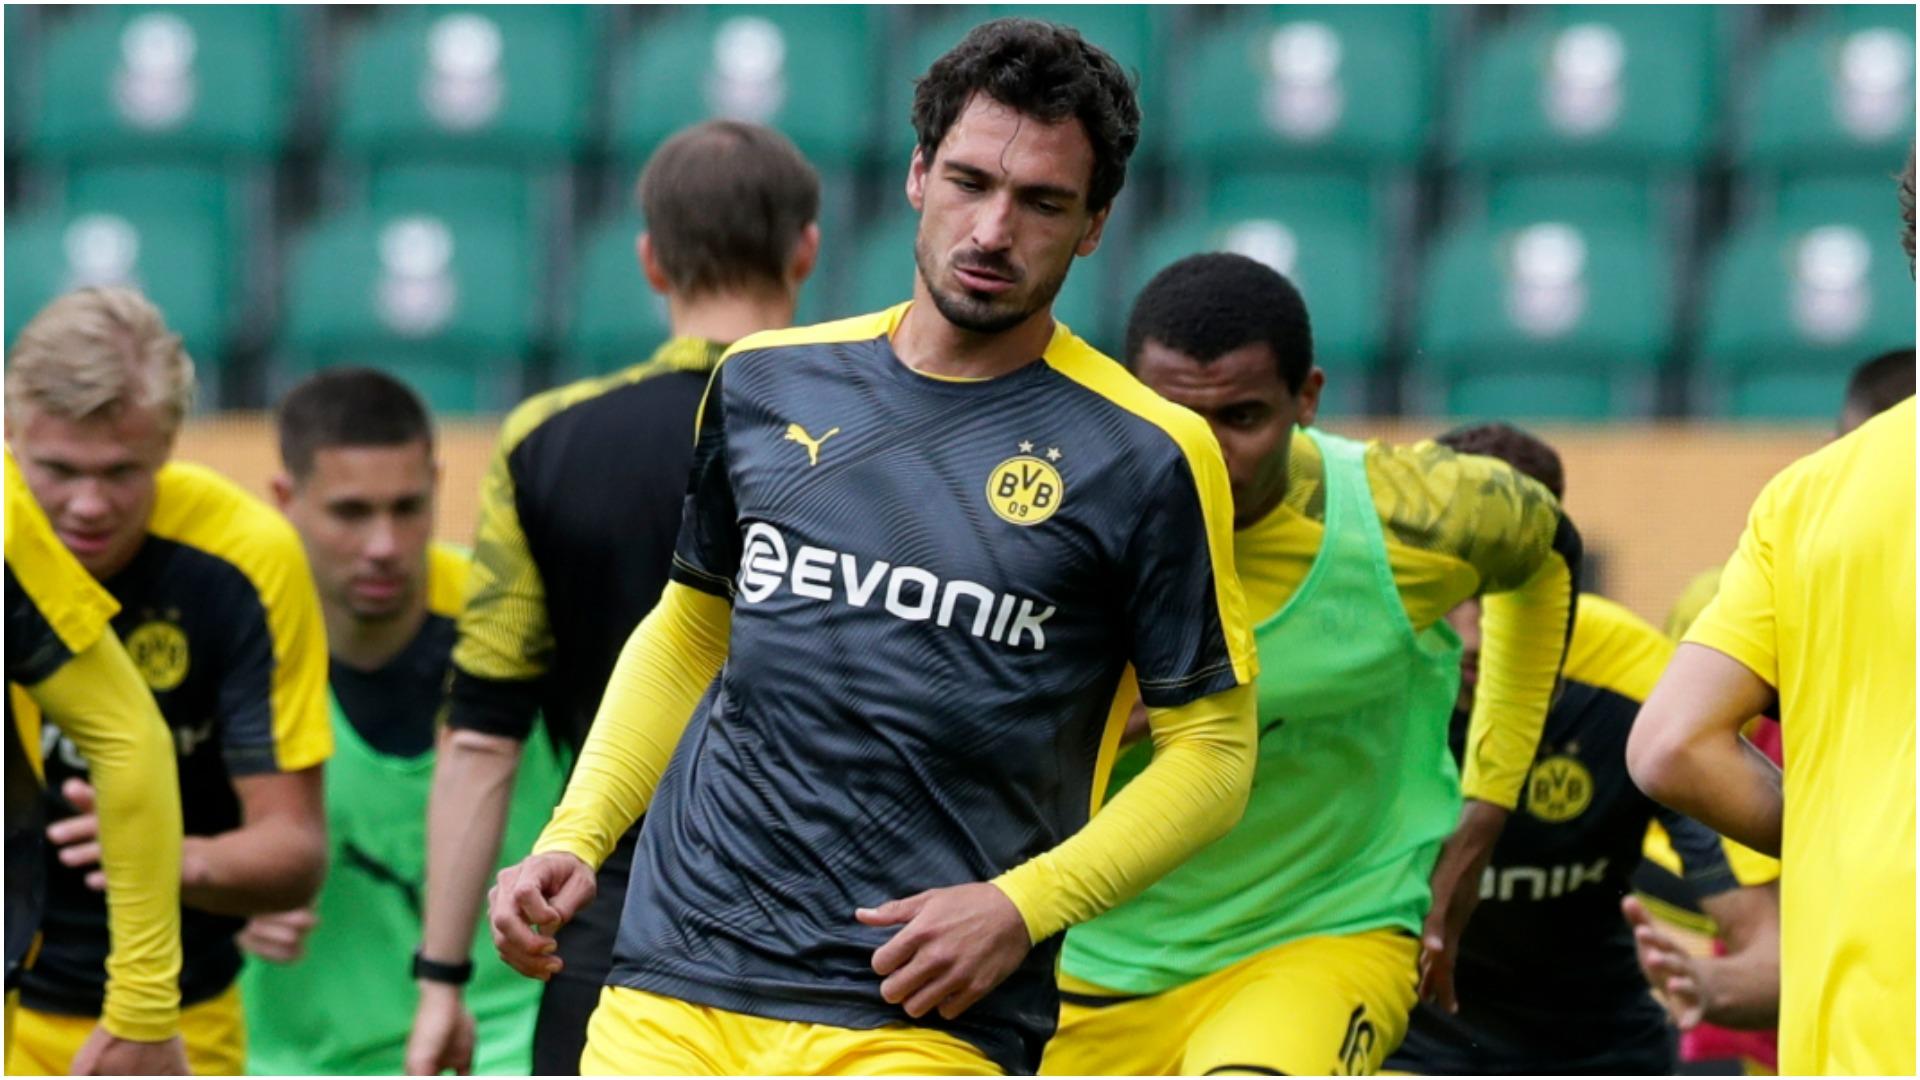 Dortmund hopeful on Hummels for Bayern clash, Sancho not certain to start